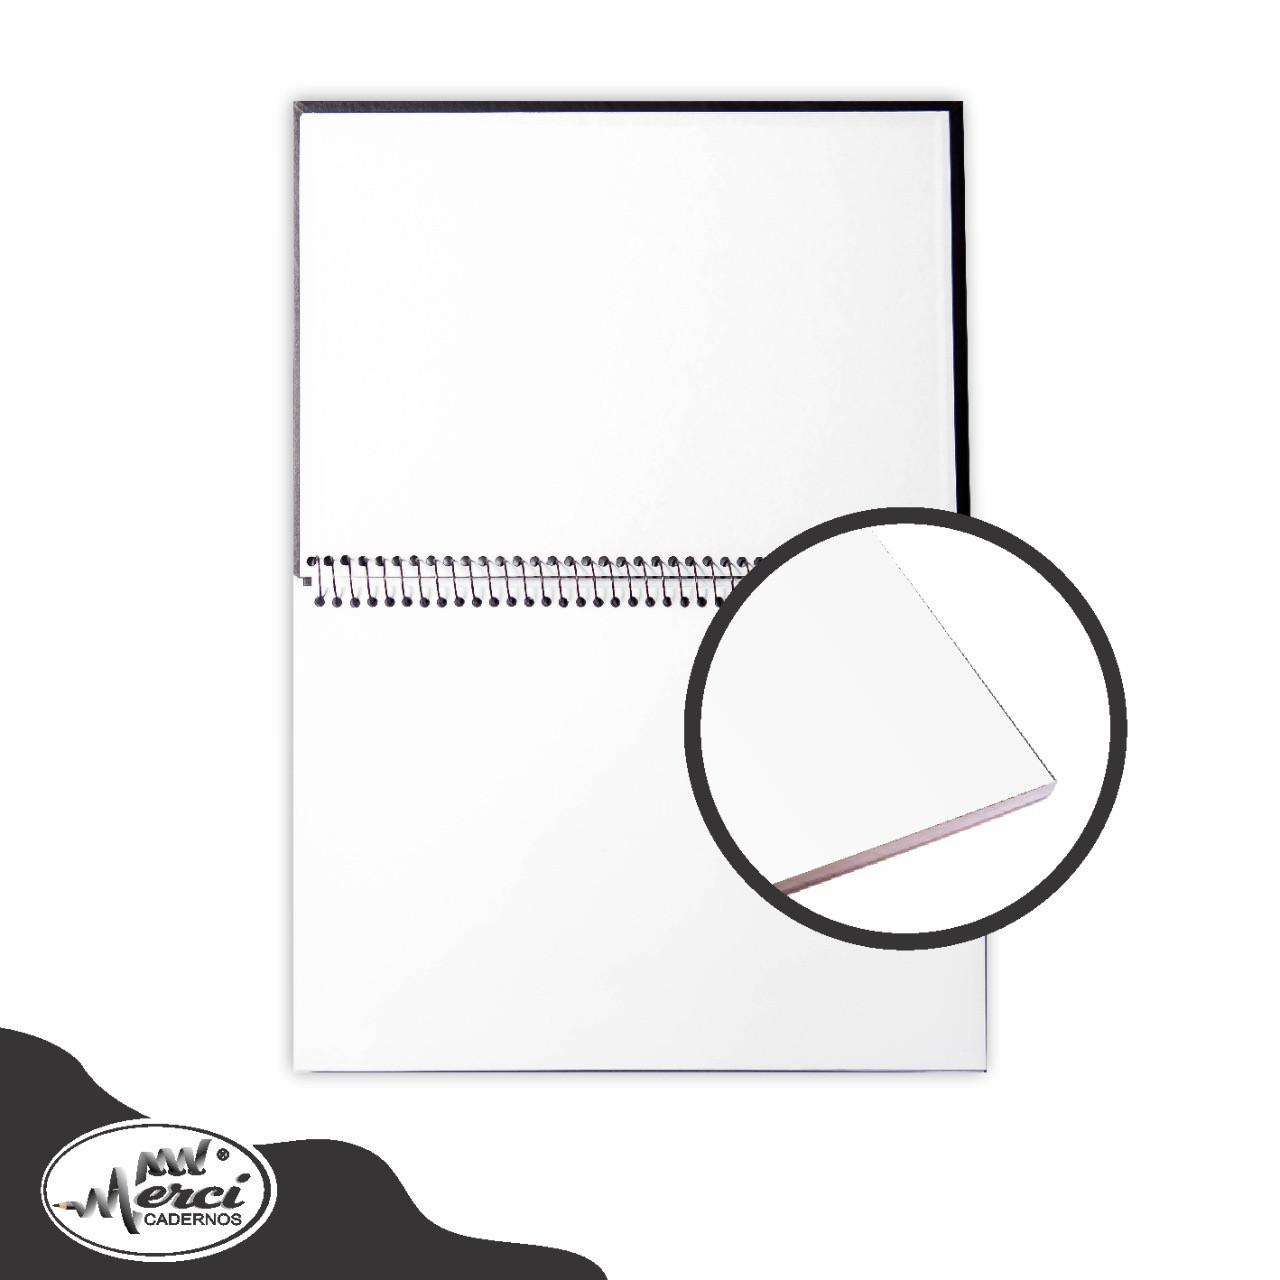 Caderno Sem Pauta Para Desenho Capa Preta Folhas Brancas 180g Merci